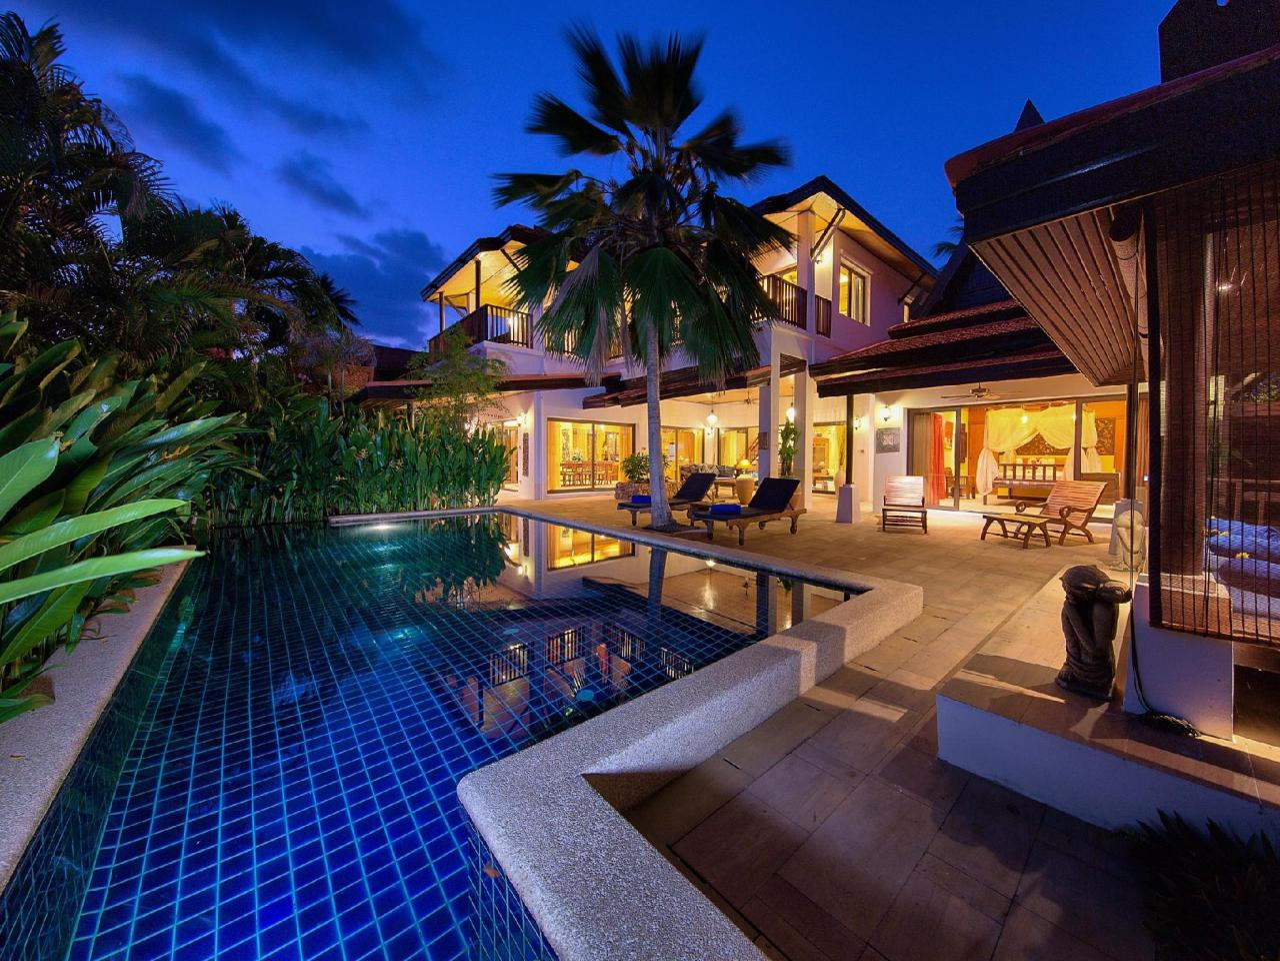 บ้าน บัว 3 เบดรูม บีชไซด์ วิลลา (Baan Buaa 3 Bedroom Beachside Villa)